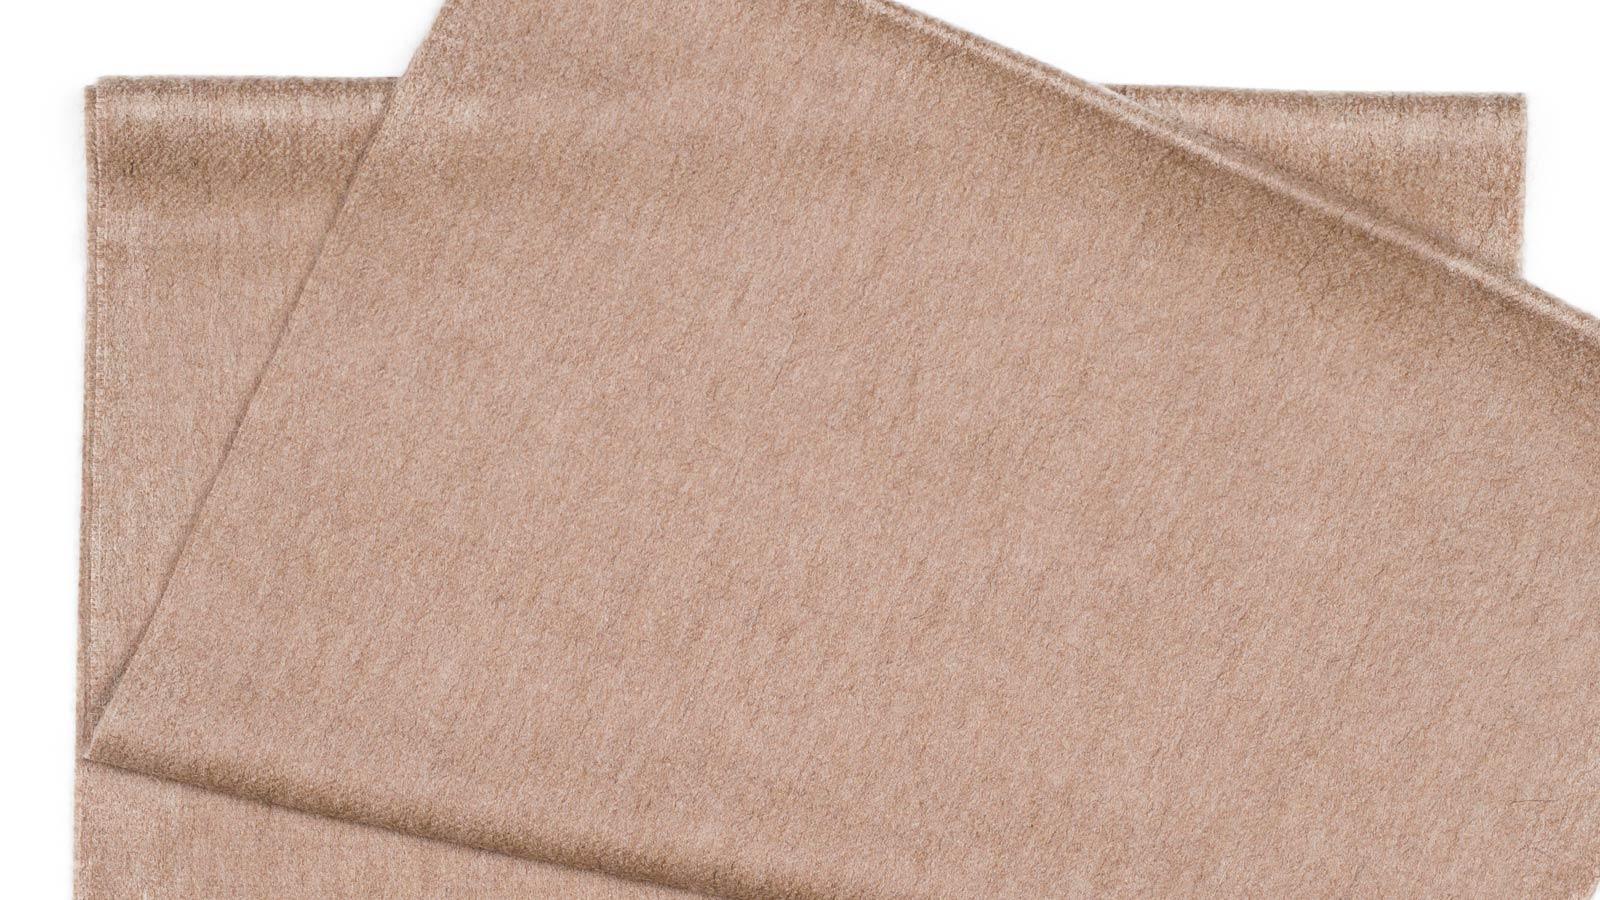 Light Brown Cashmere Scarf - slider image 1